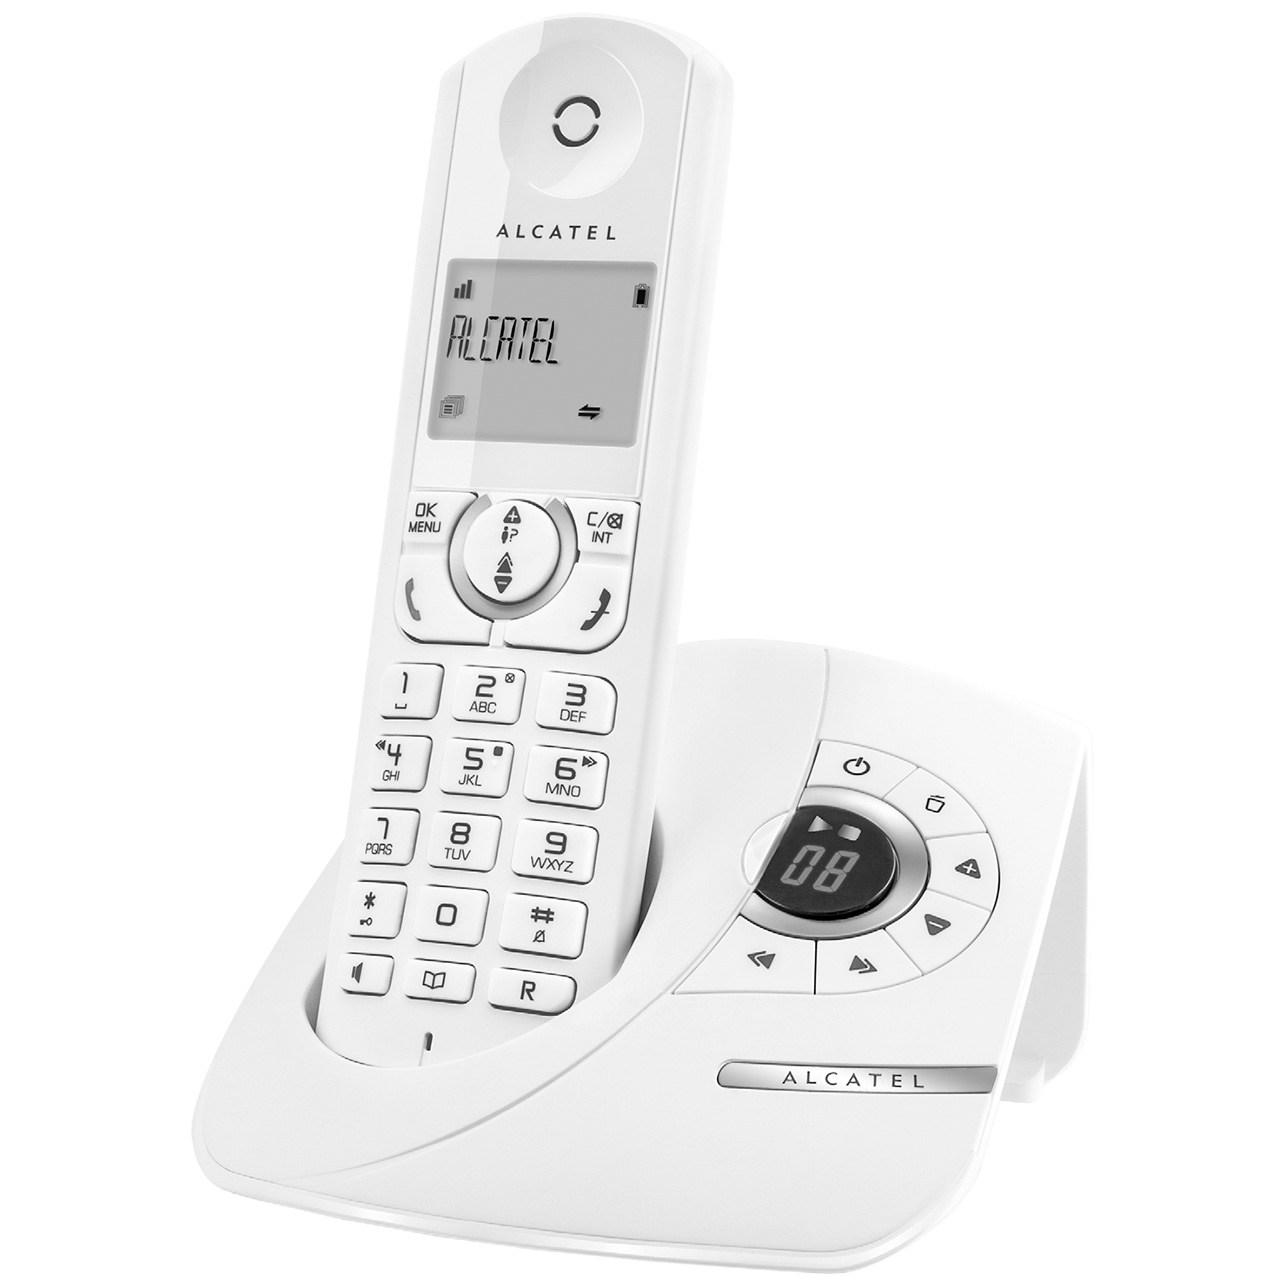 فروش اقساطی تلفن بی سیم الکاتل مدل F370 Voice